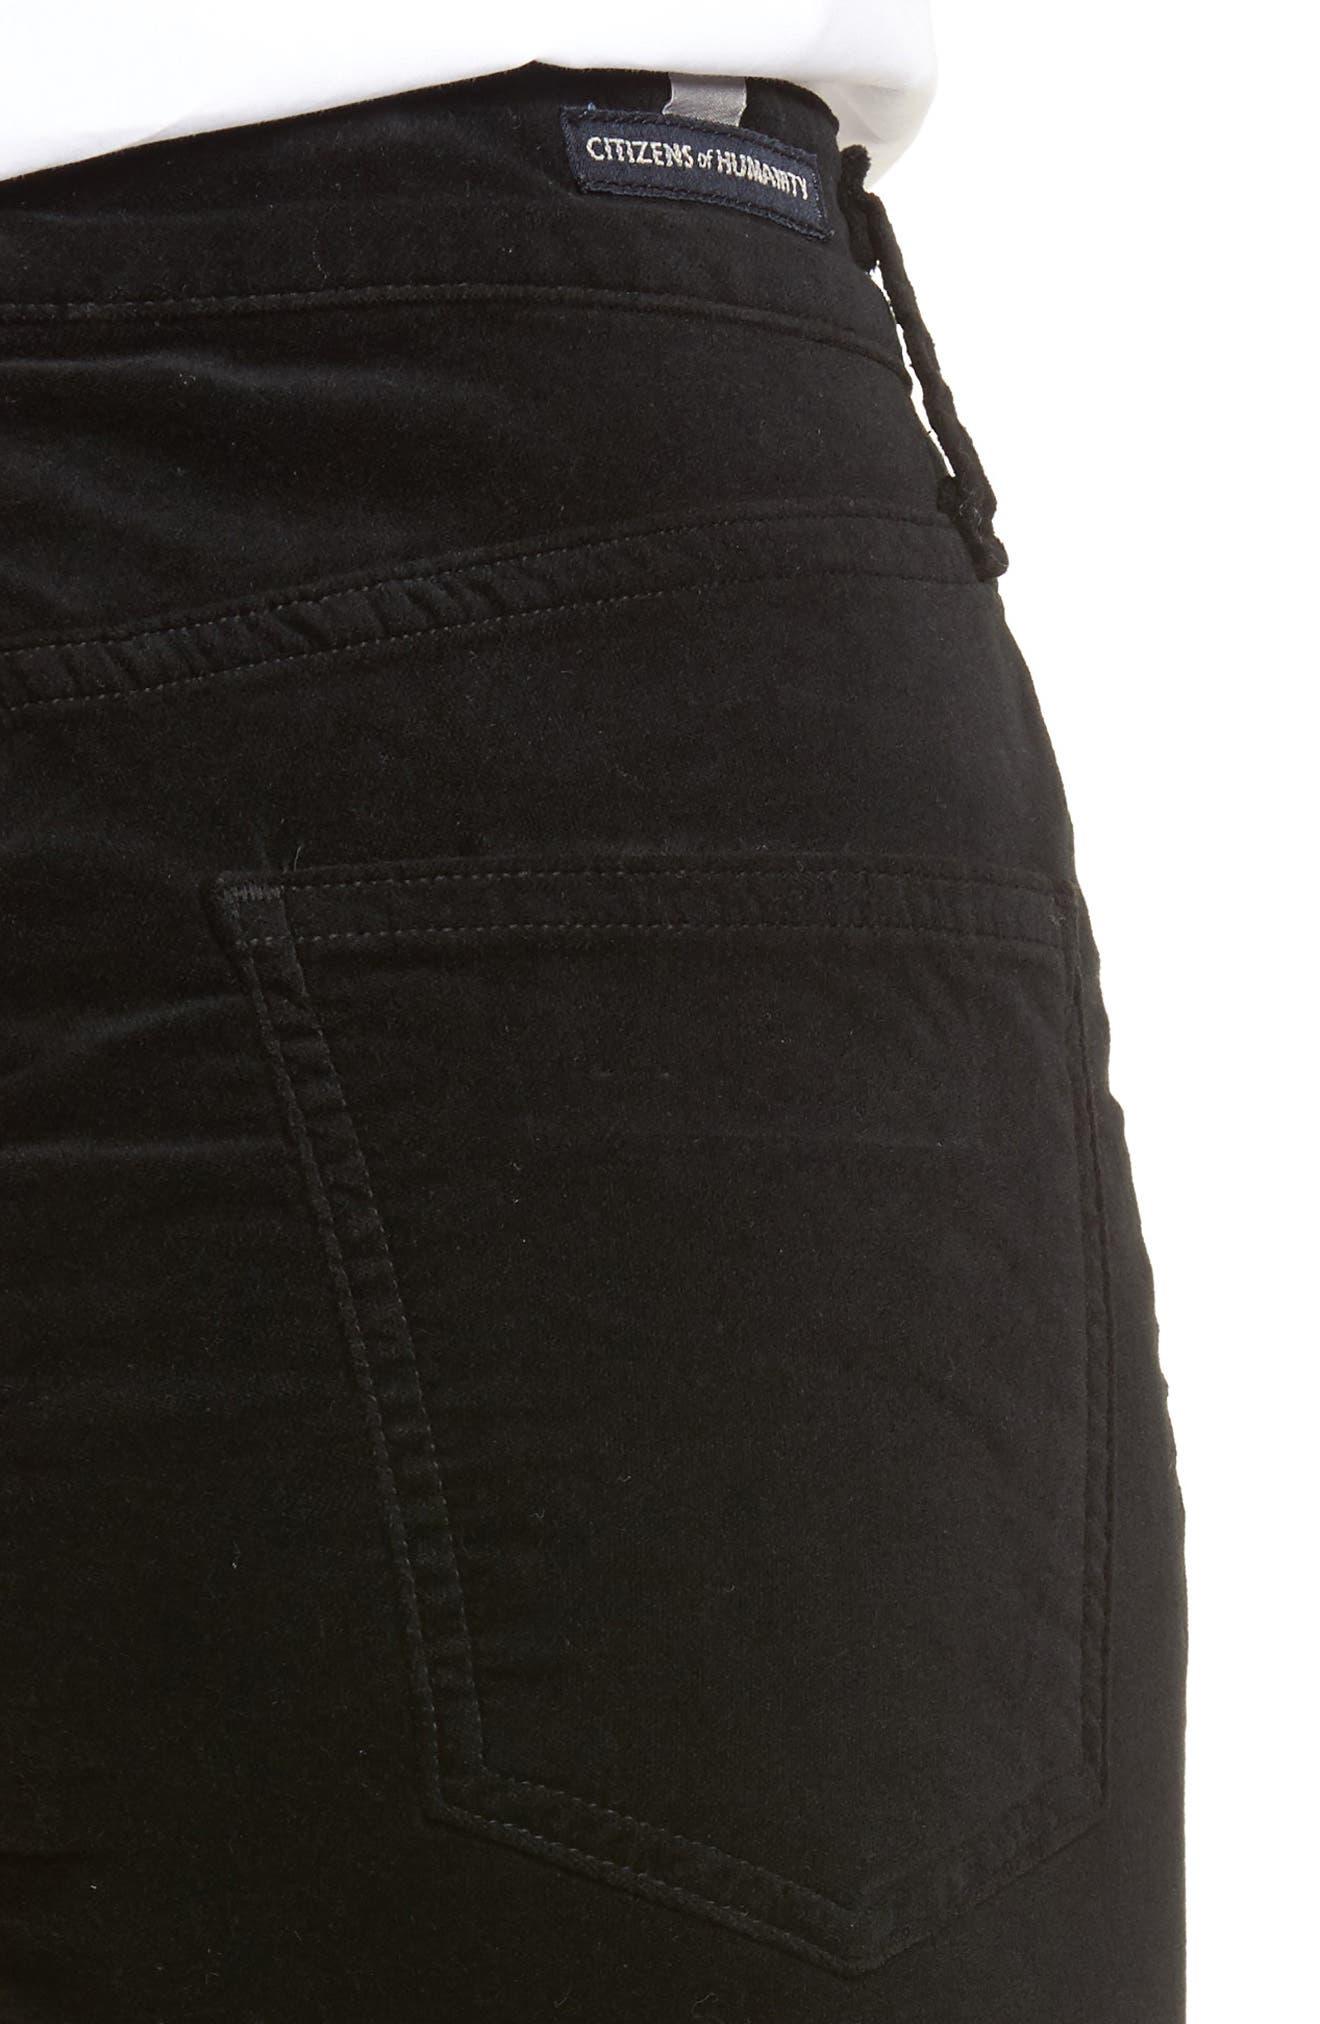 Cara High Waist Ankle Cigarette Velvet Pants,                             Alternate thumbnail 4, color,                             Black Currant Velvet